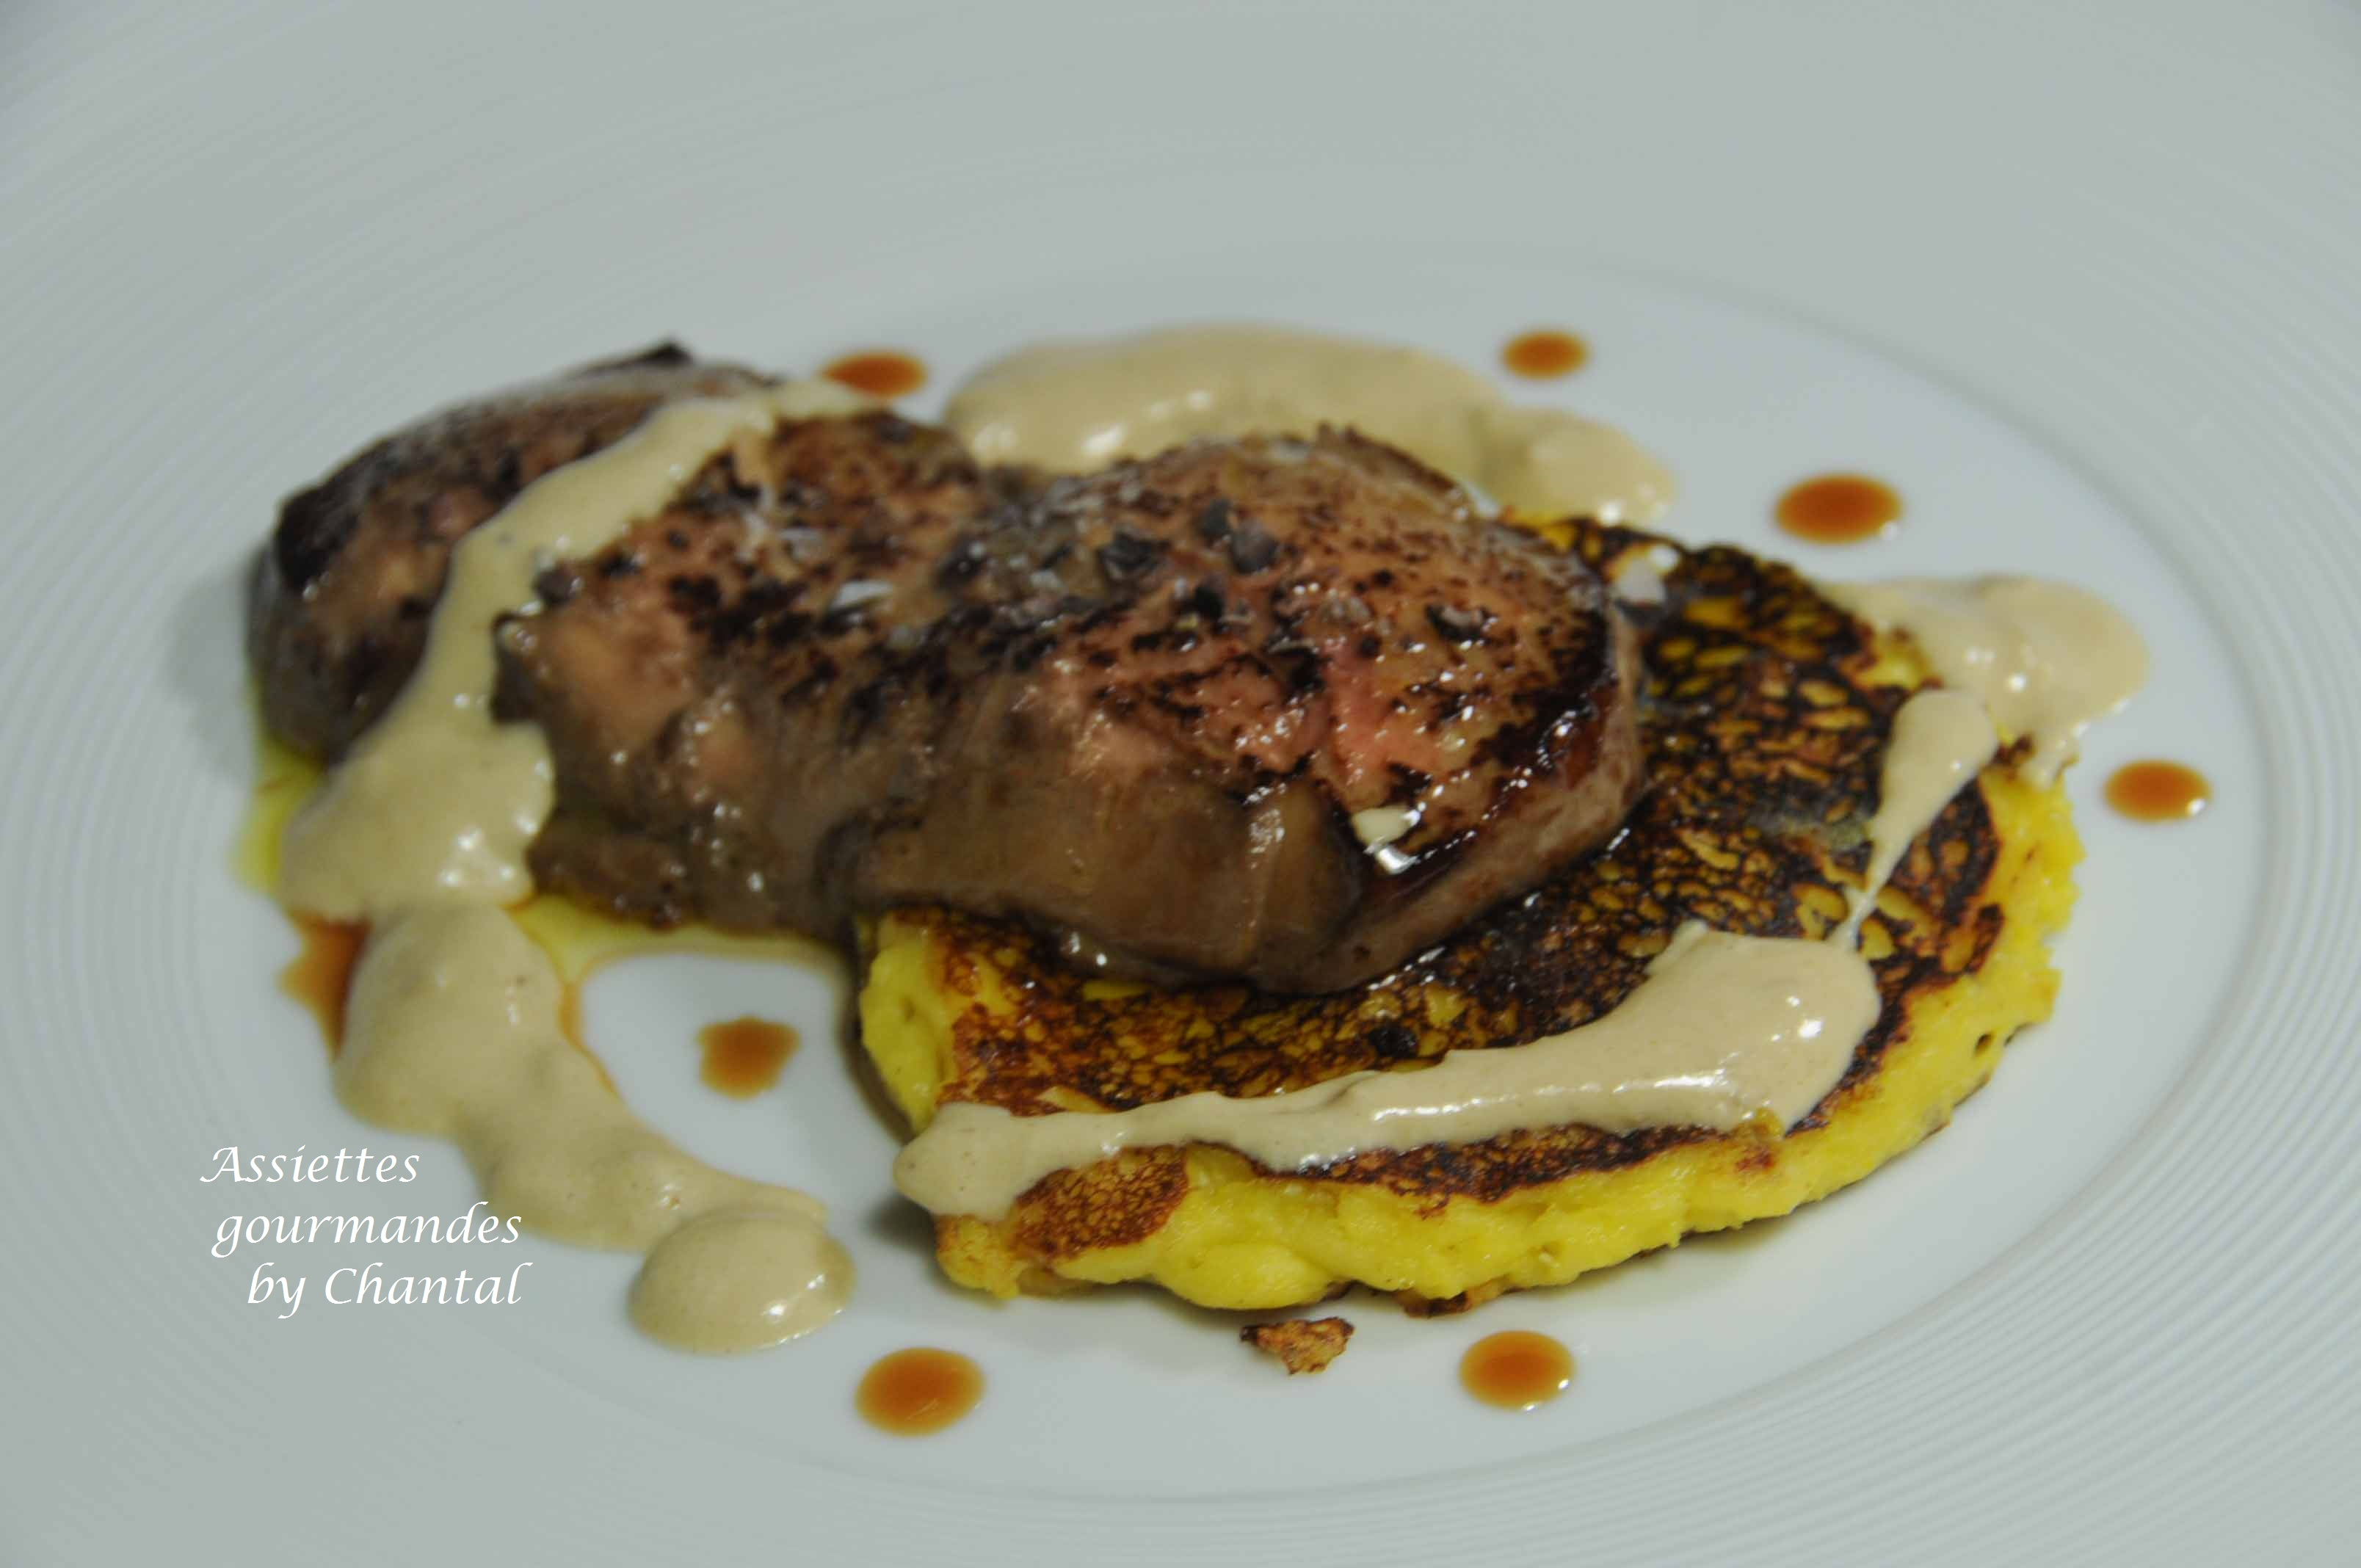 Blinis de ma s au foie gras recette de marc meneau - Recette de foie gras ...